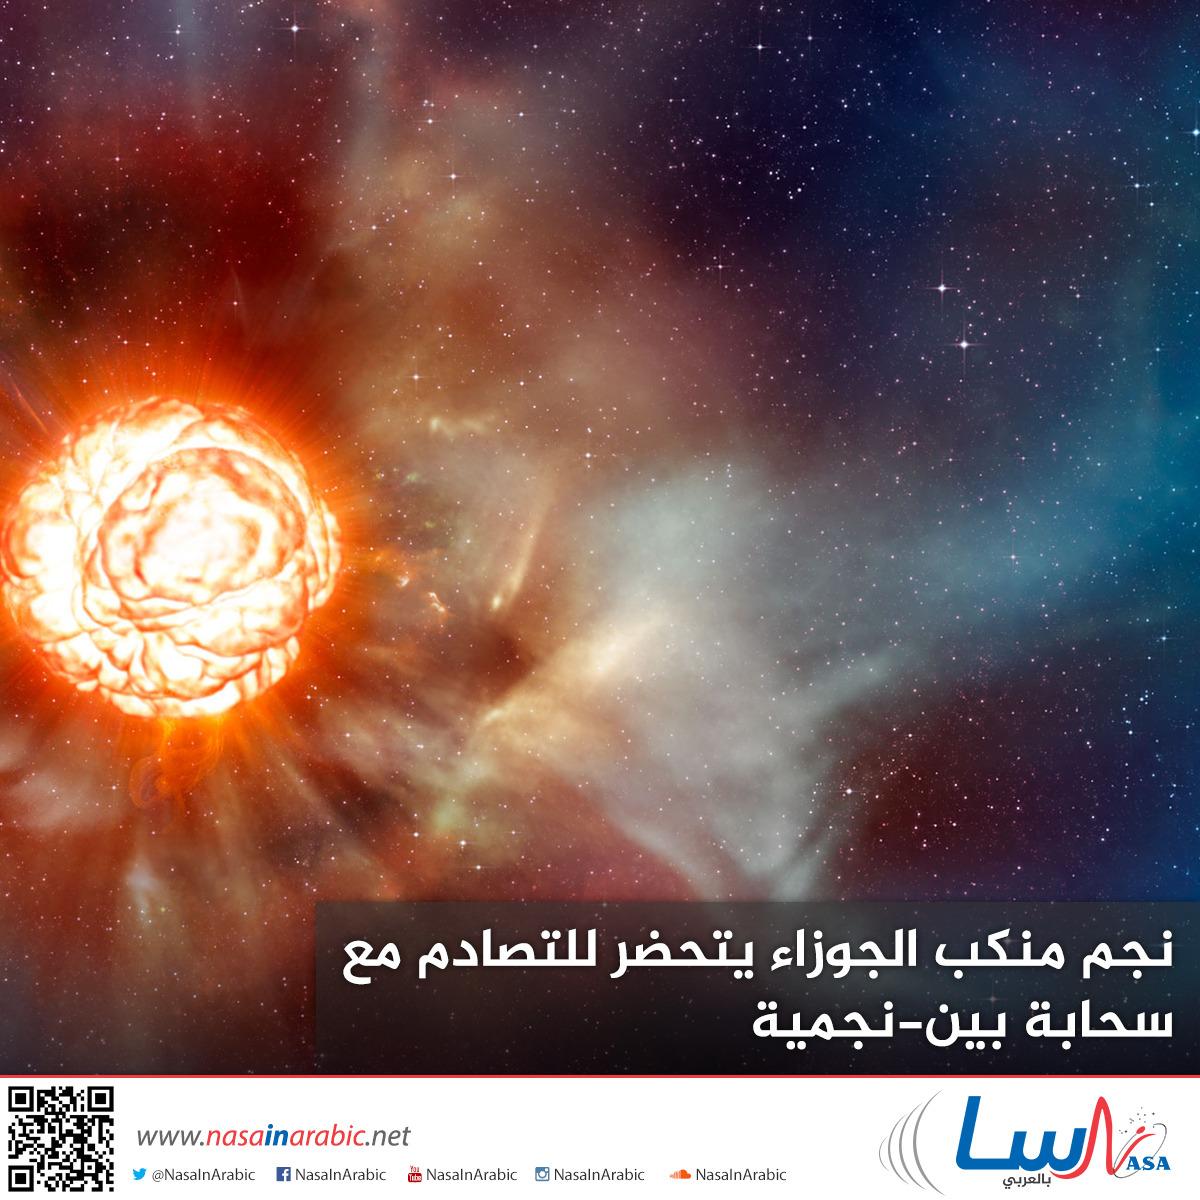 نجم منكب الجوزاء يتحضر للتصادم مع سحابة بين-نجمية